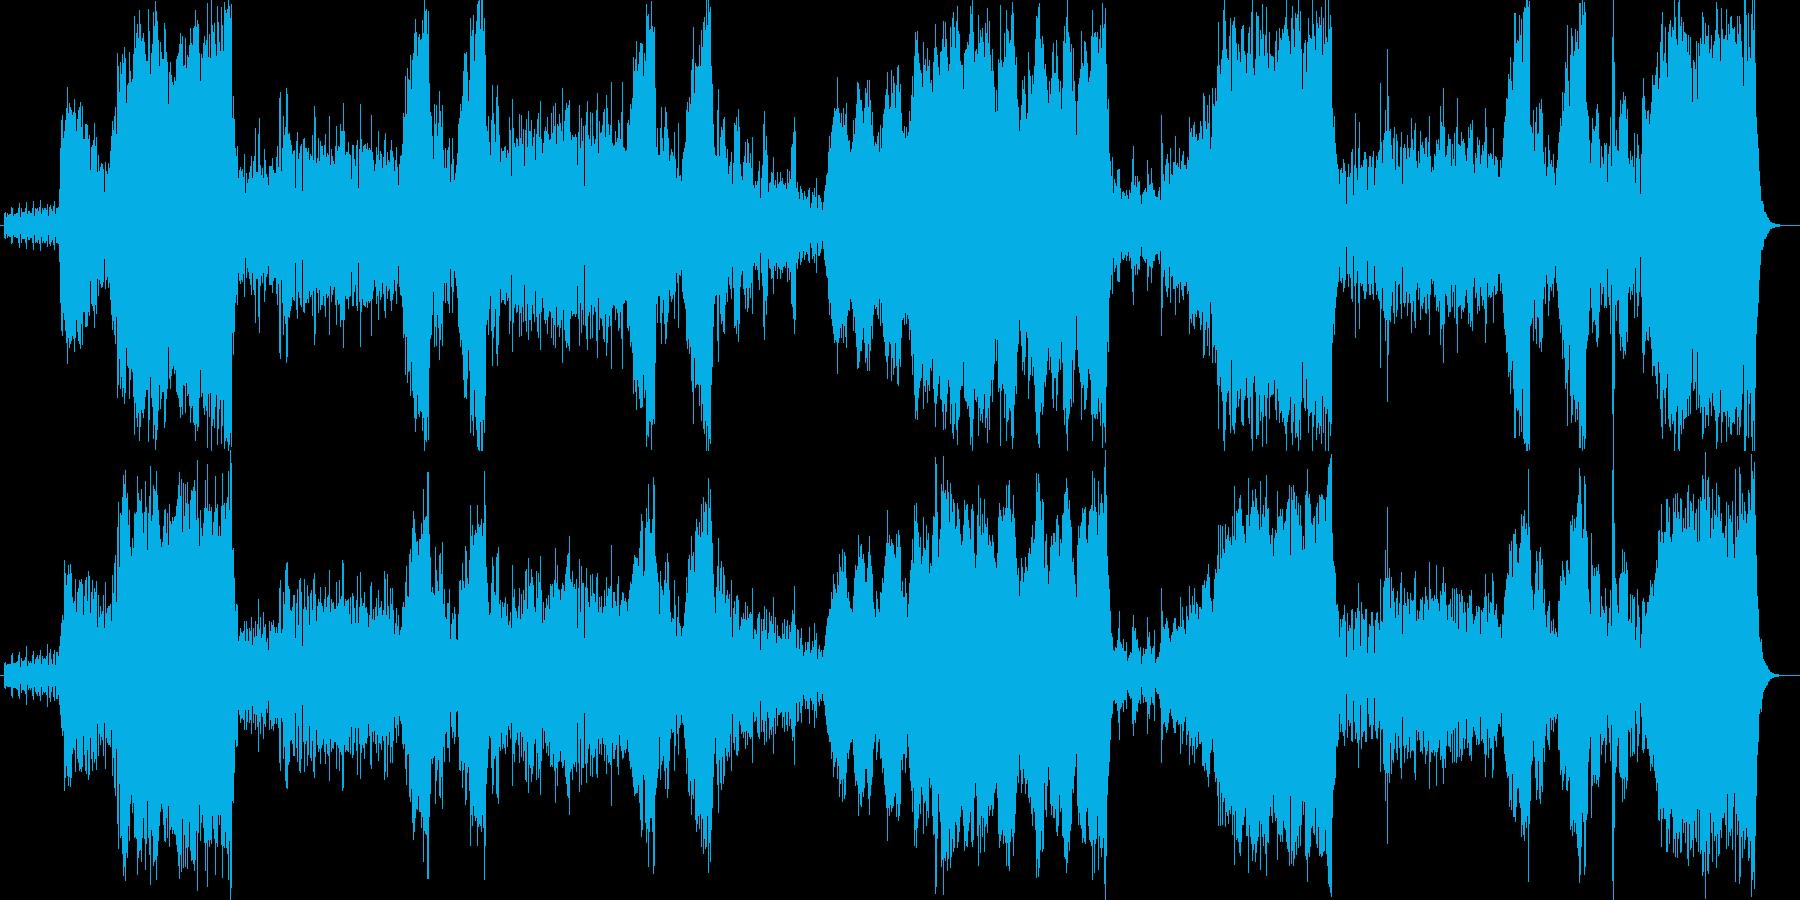 聴くだけで思わず奮い立つ躍動的なポップスの再生済みの波形